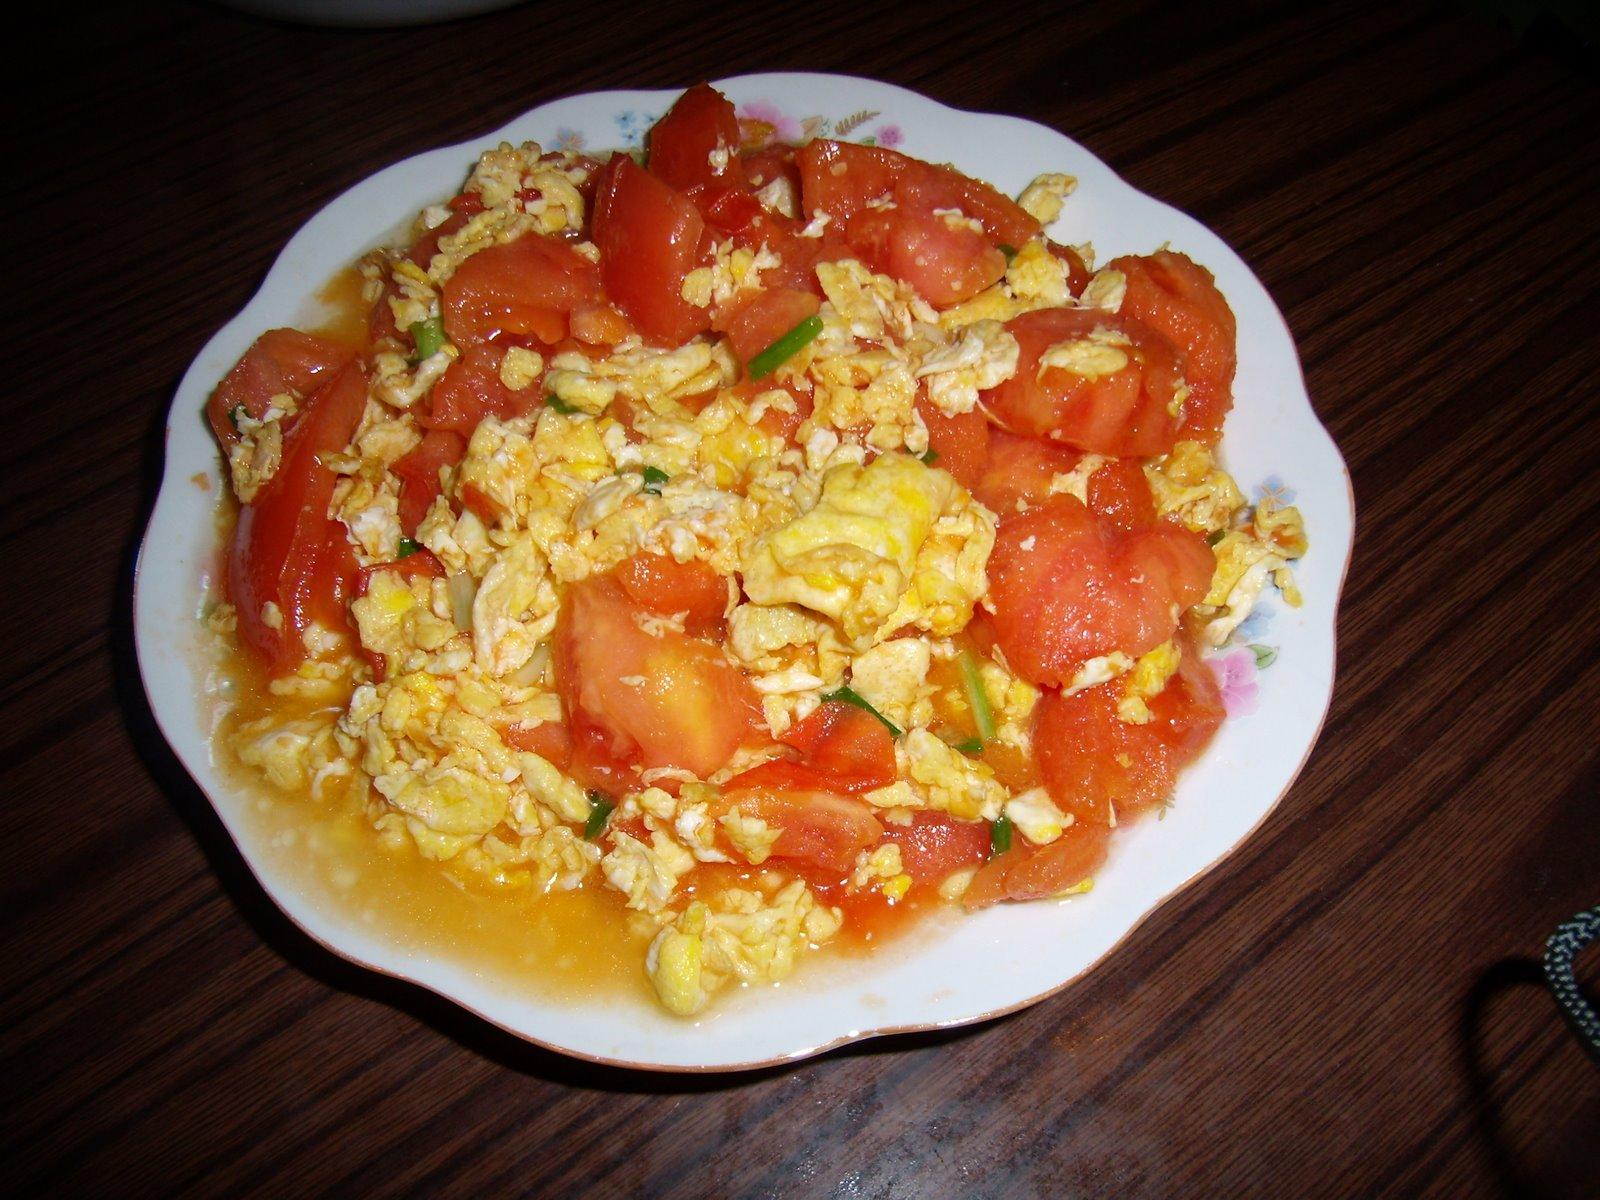 ... shanghai: 番茄炒蛋 fānqié chǎodàn stir-fried tomato and egg